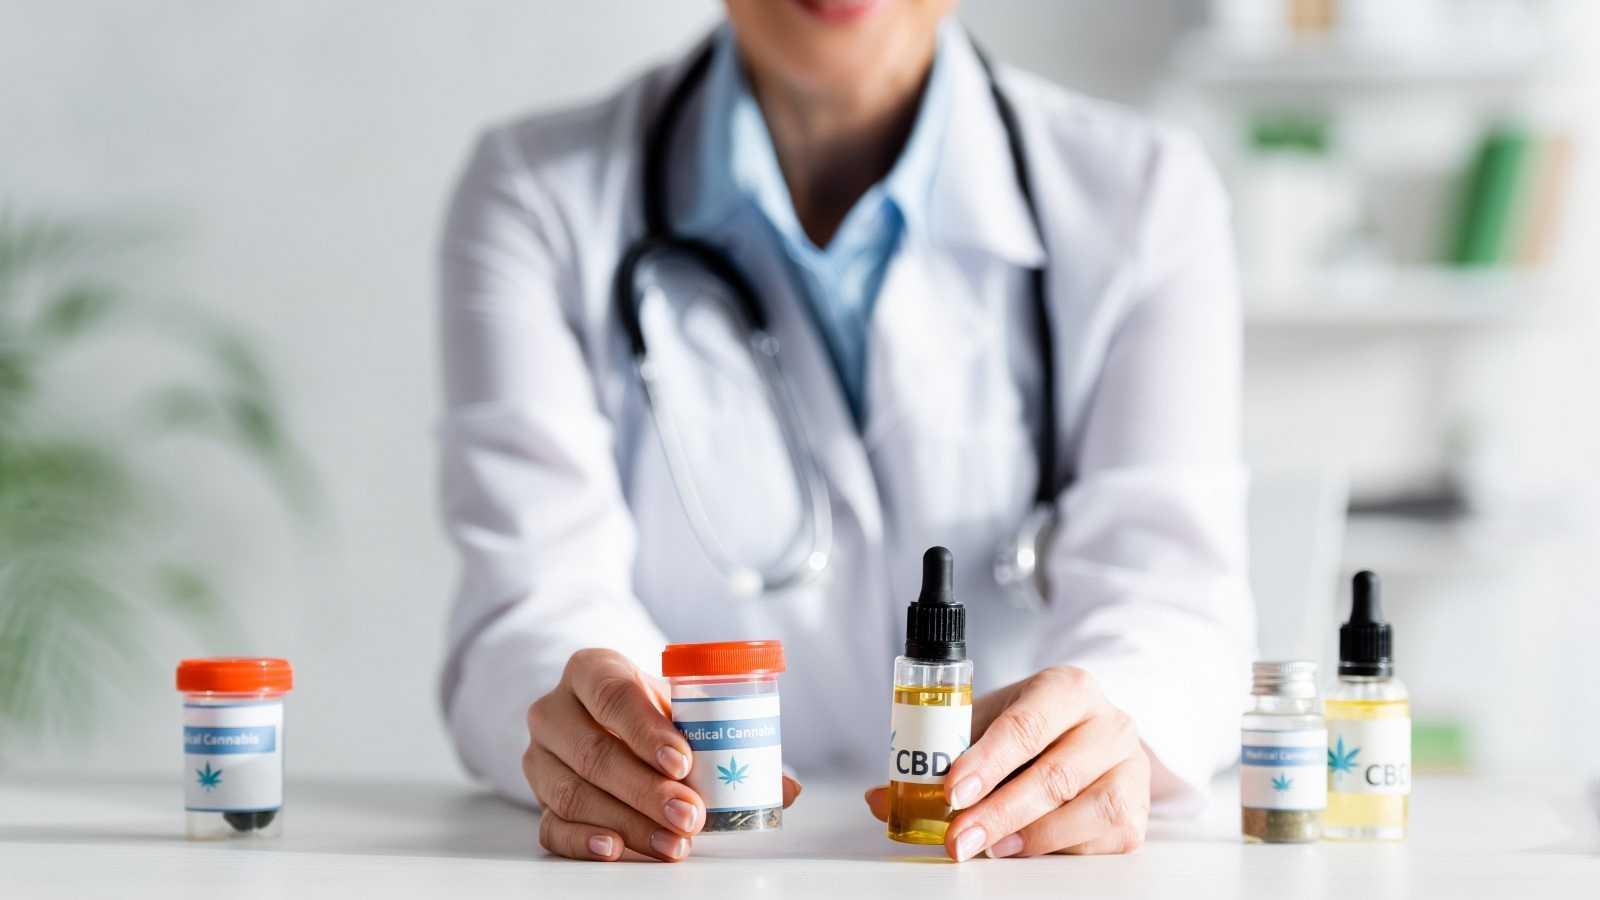 La comisión de sanidad y consumO aprueba una subcomisión Con objeto de analizar Experiencias de regulación Del cannabis para uso medicinal